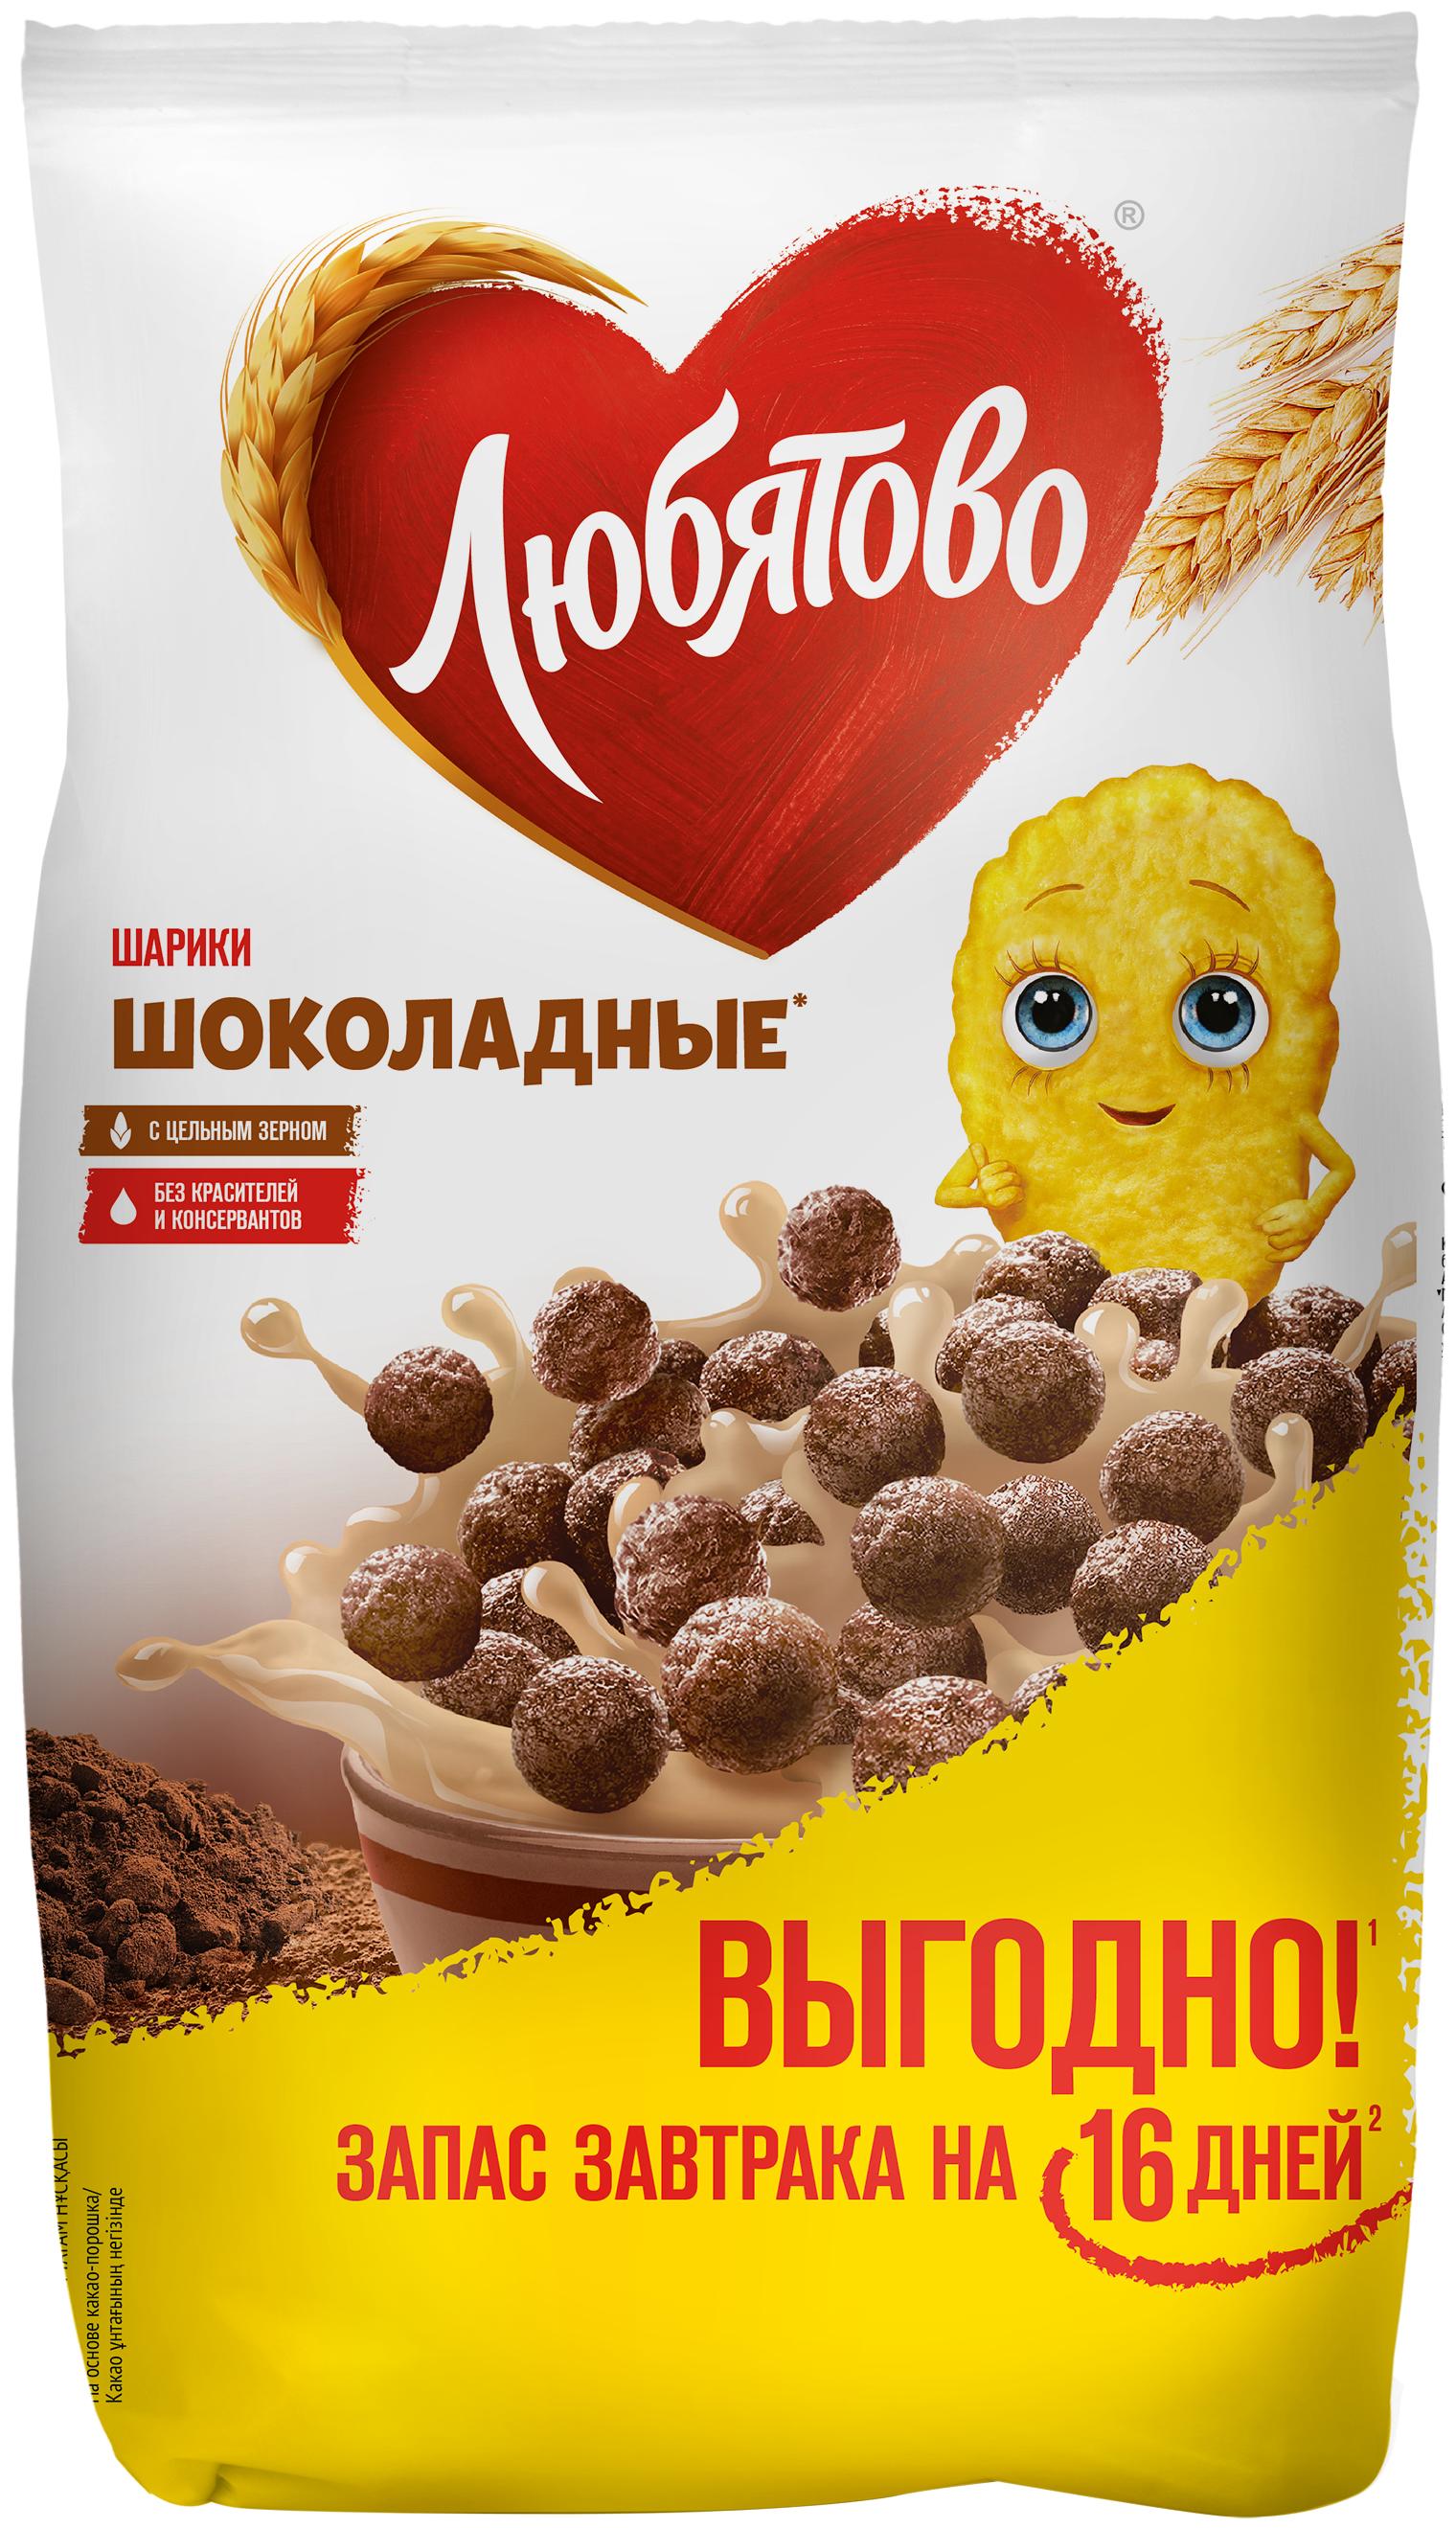 Купить Готовый завтрак Любятово Шарики шоколадные, пакет, 500 г по низкой цене с доставкой из Яндекс.Маркета